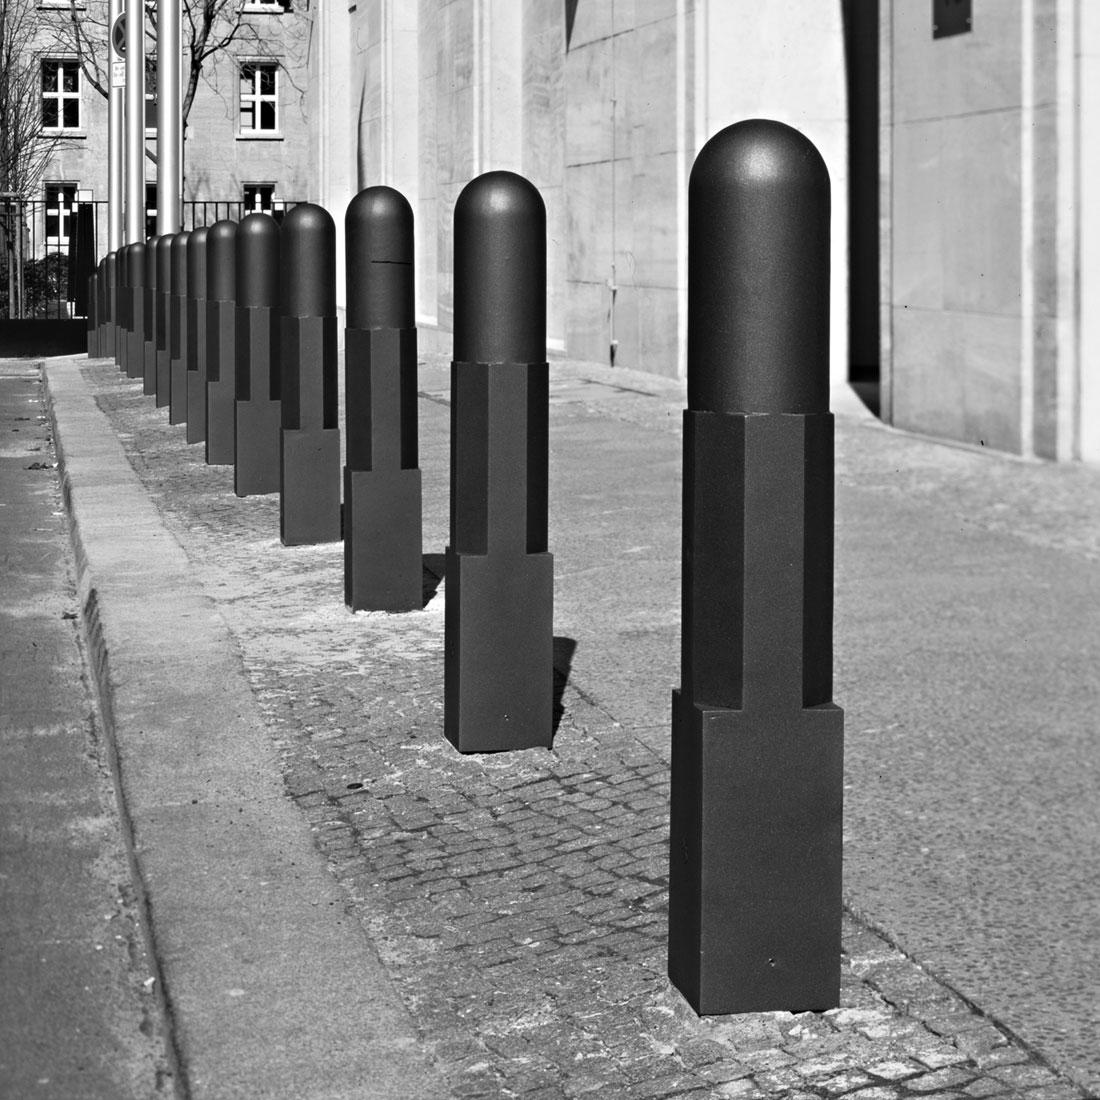 Straßenpoller Berlin